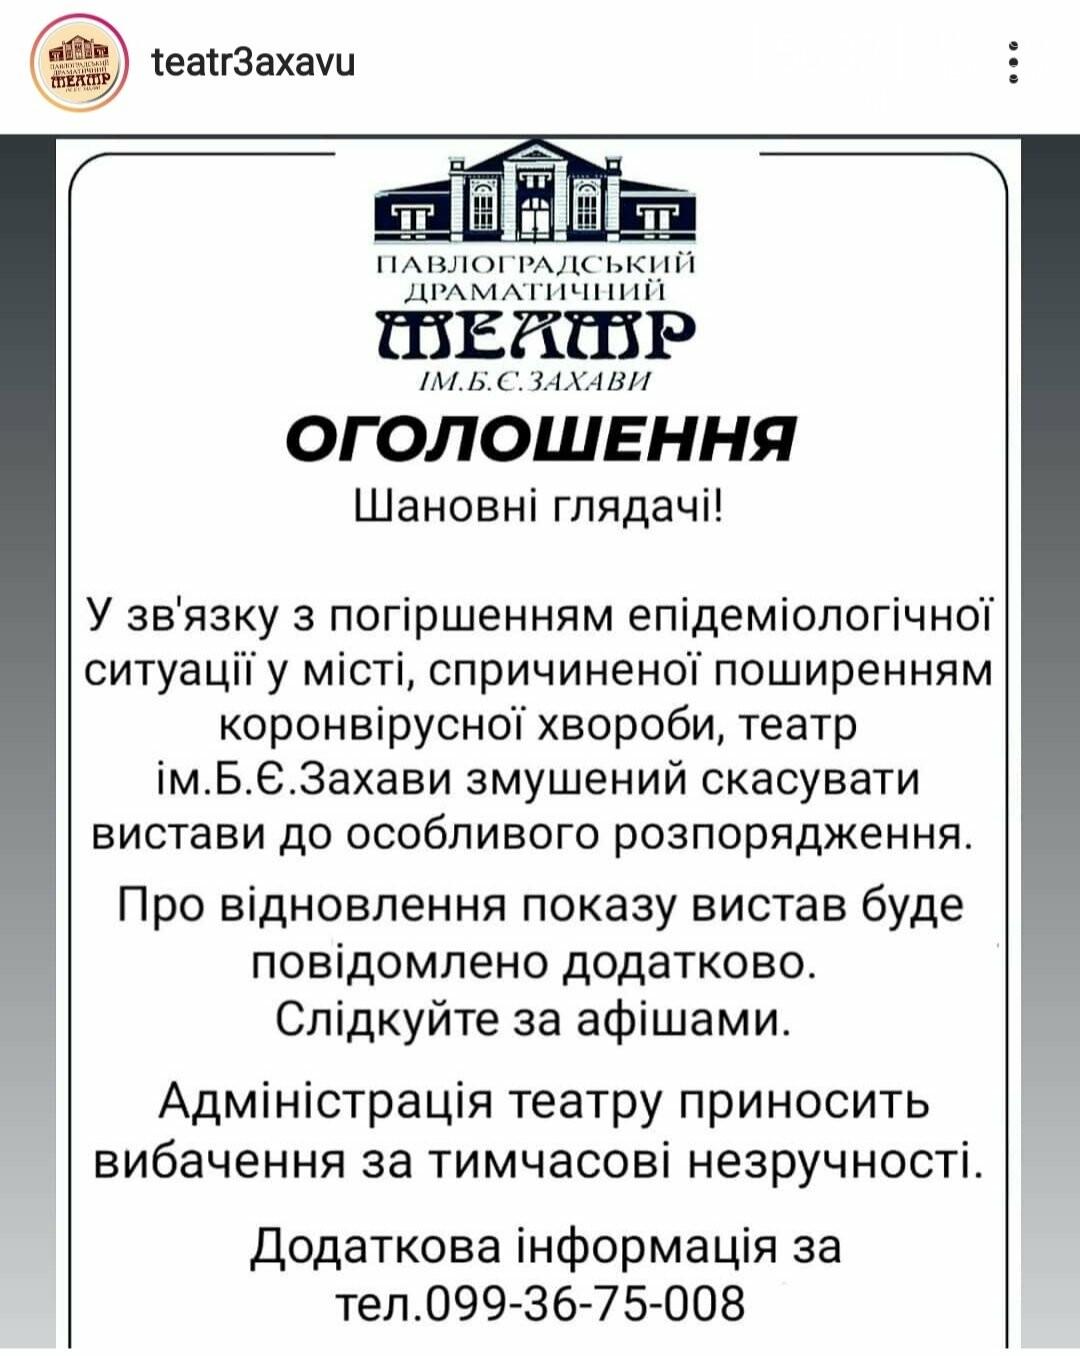 Павлоградский драматический театр им. Б. Захавы отменяет спектакли, фото-1